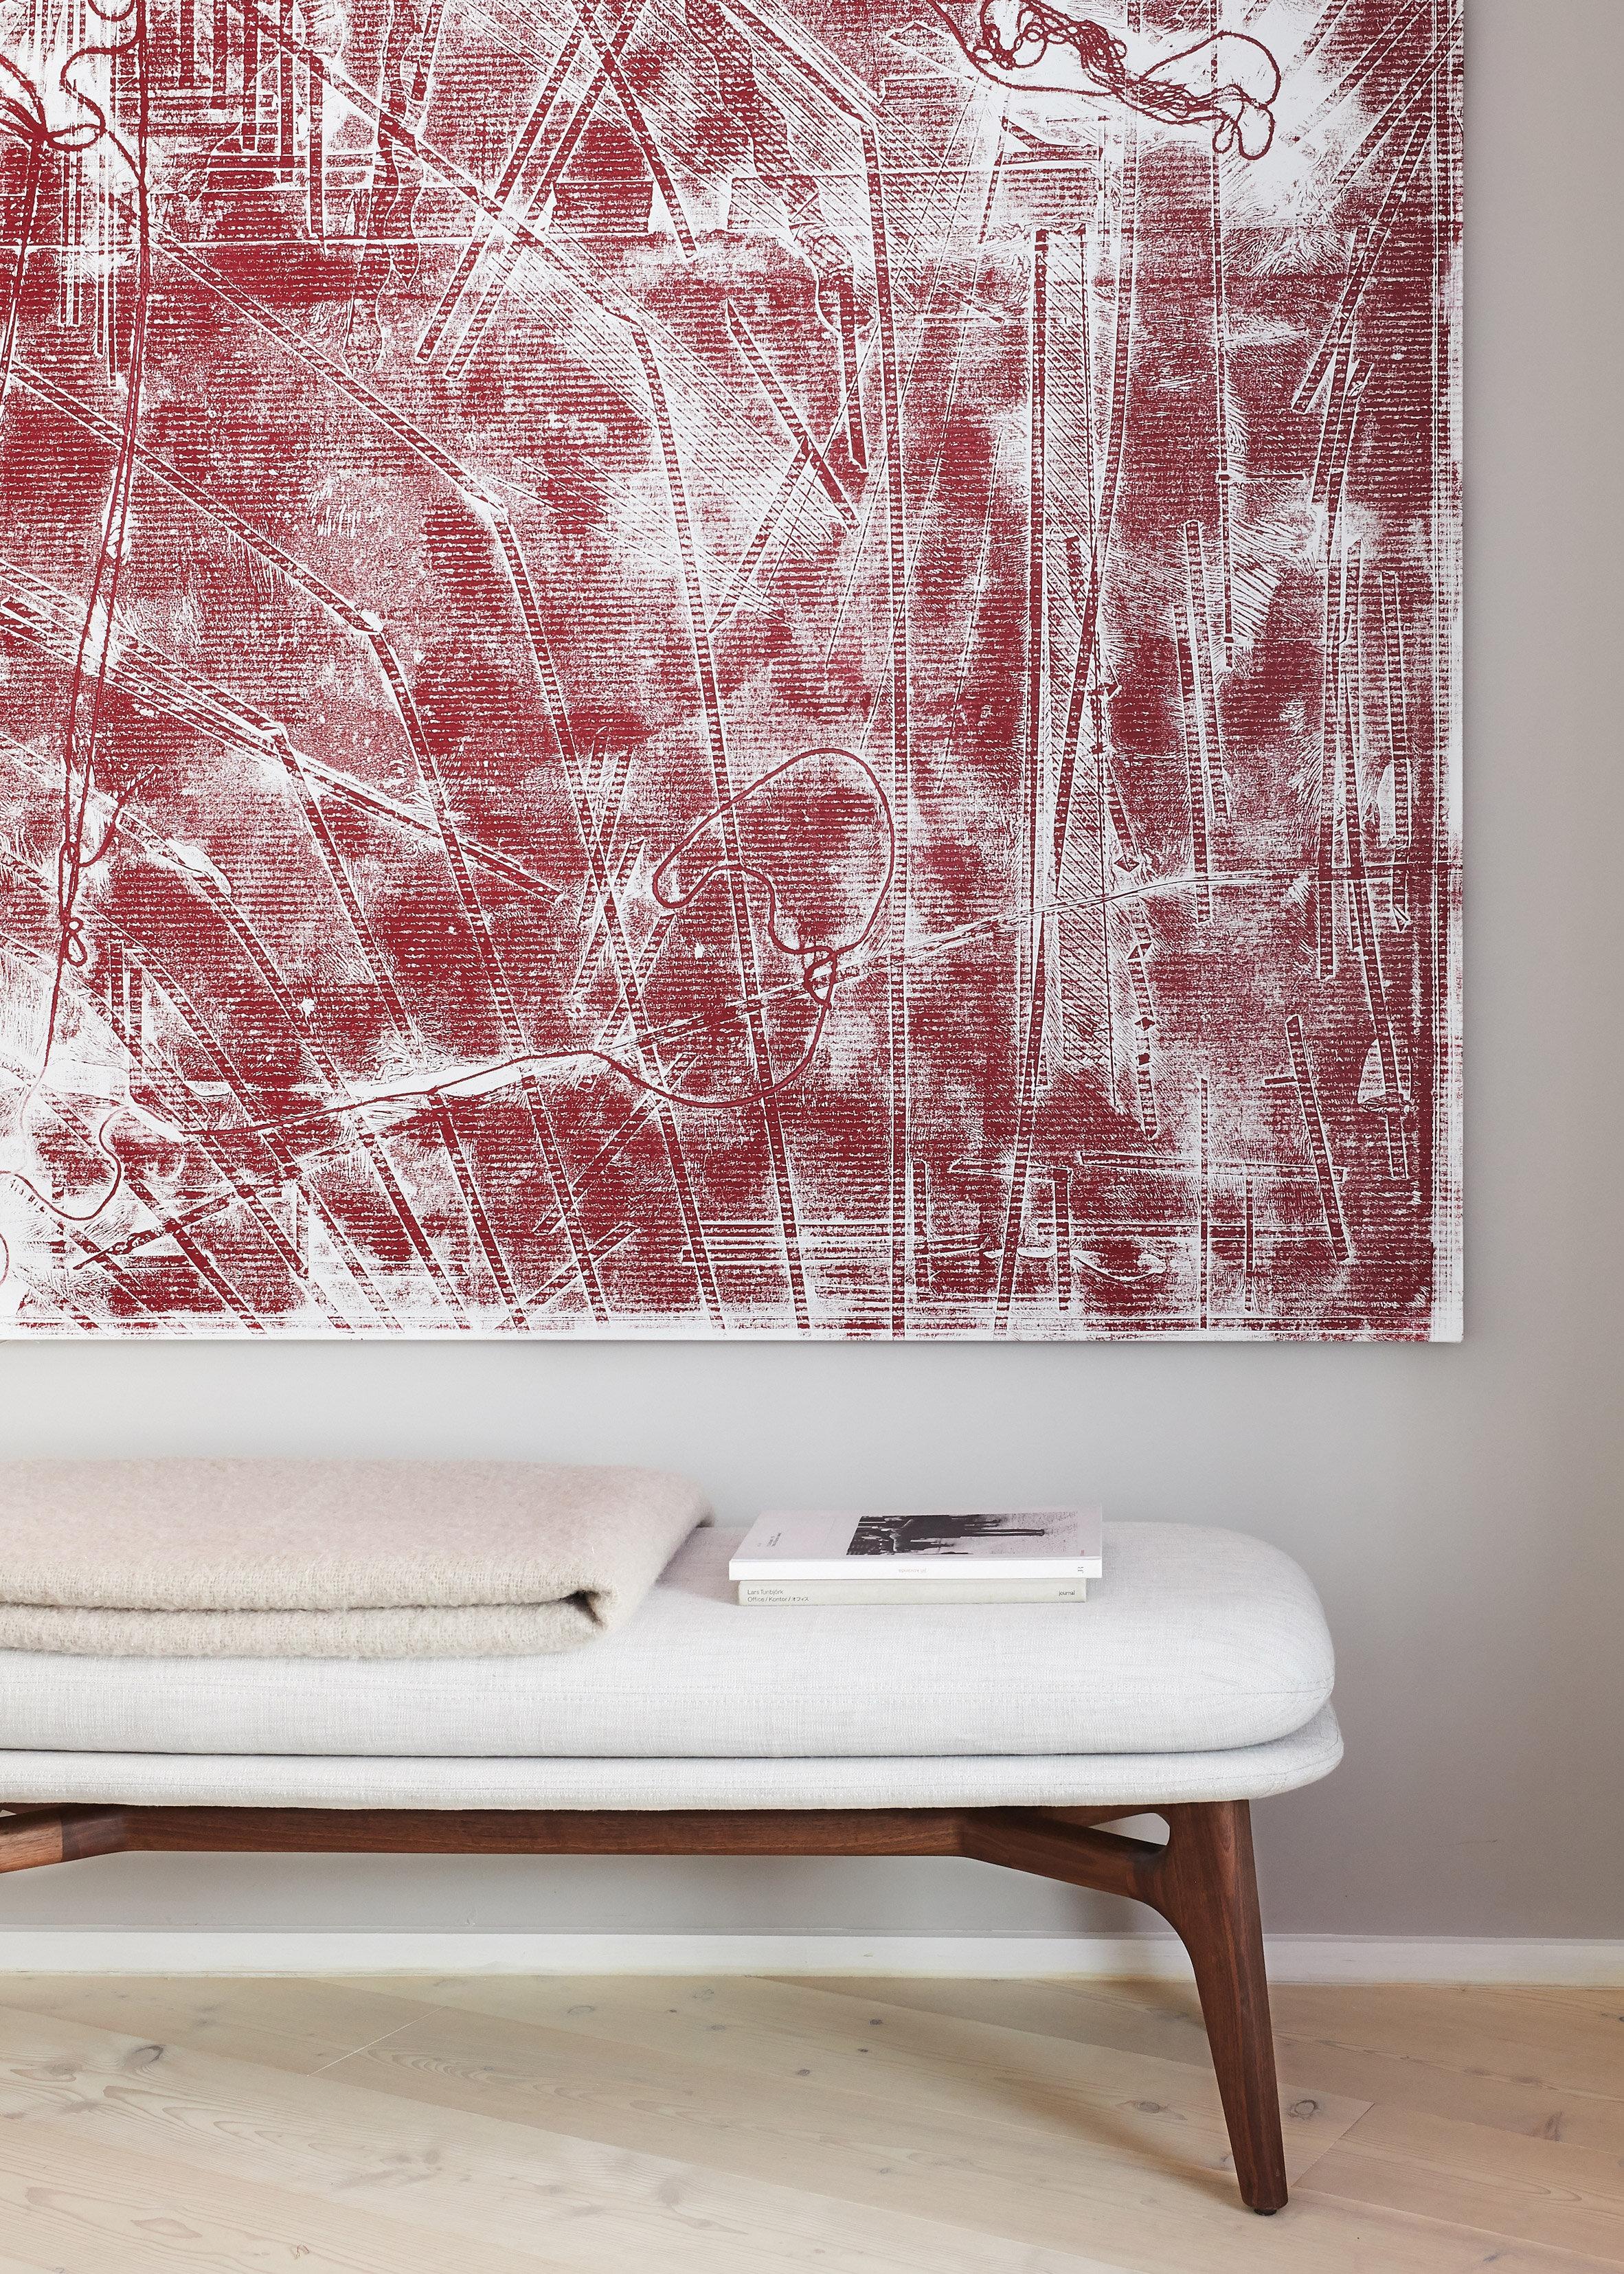 de-la-espada-the-future-perfect-showroom_dezeen_2364_col_23.jpg